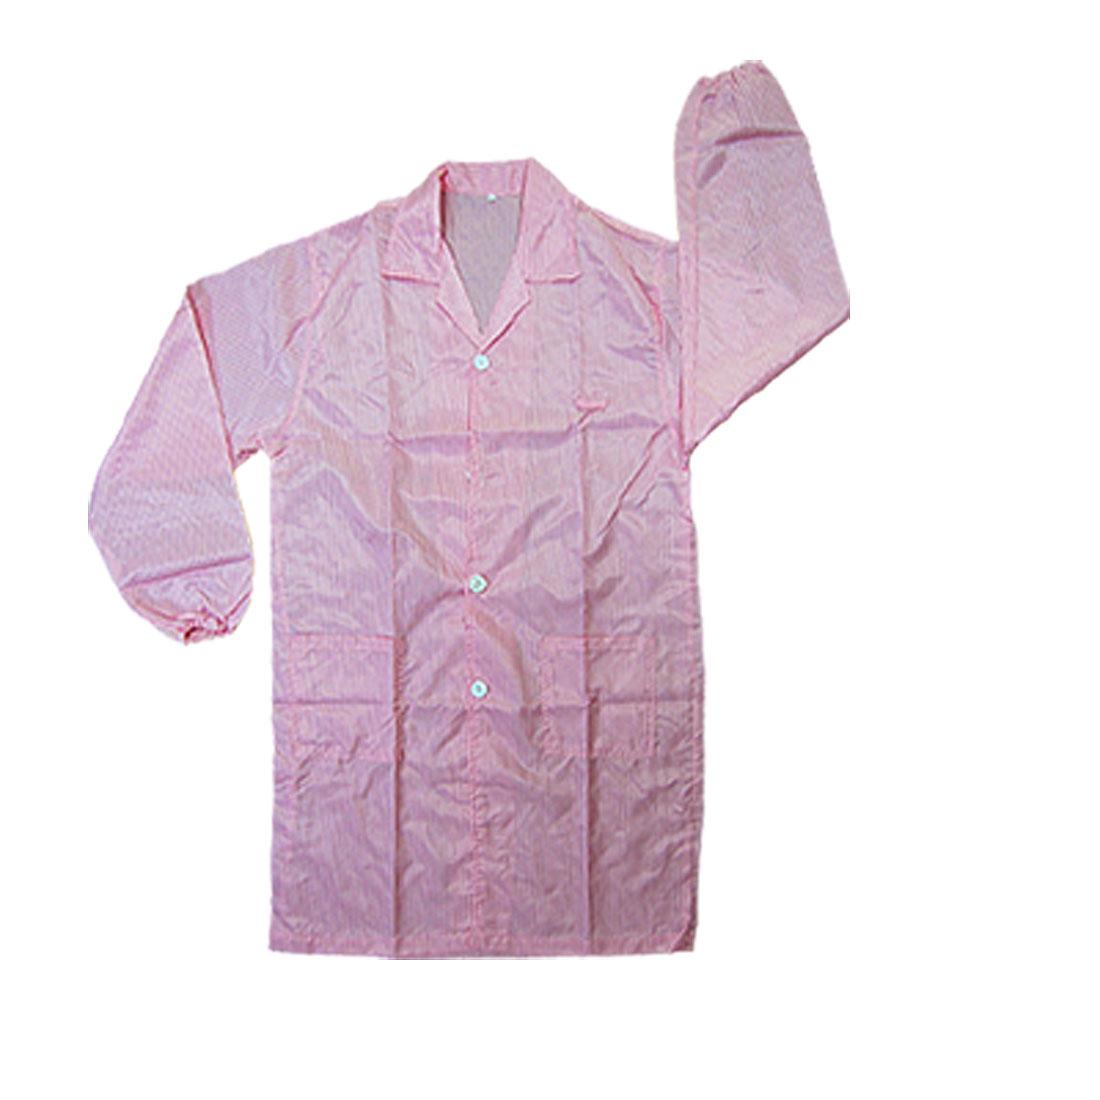 Pink Properties QA Anti-static LAB Coat Shirt L